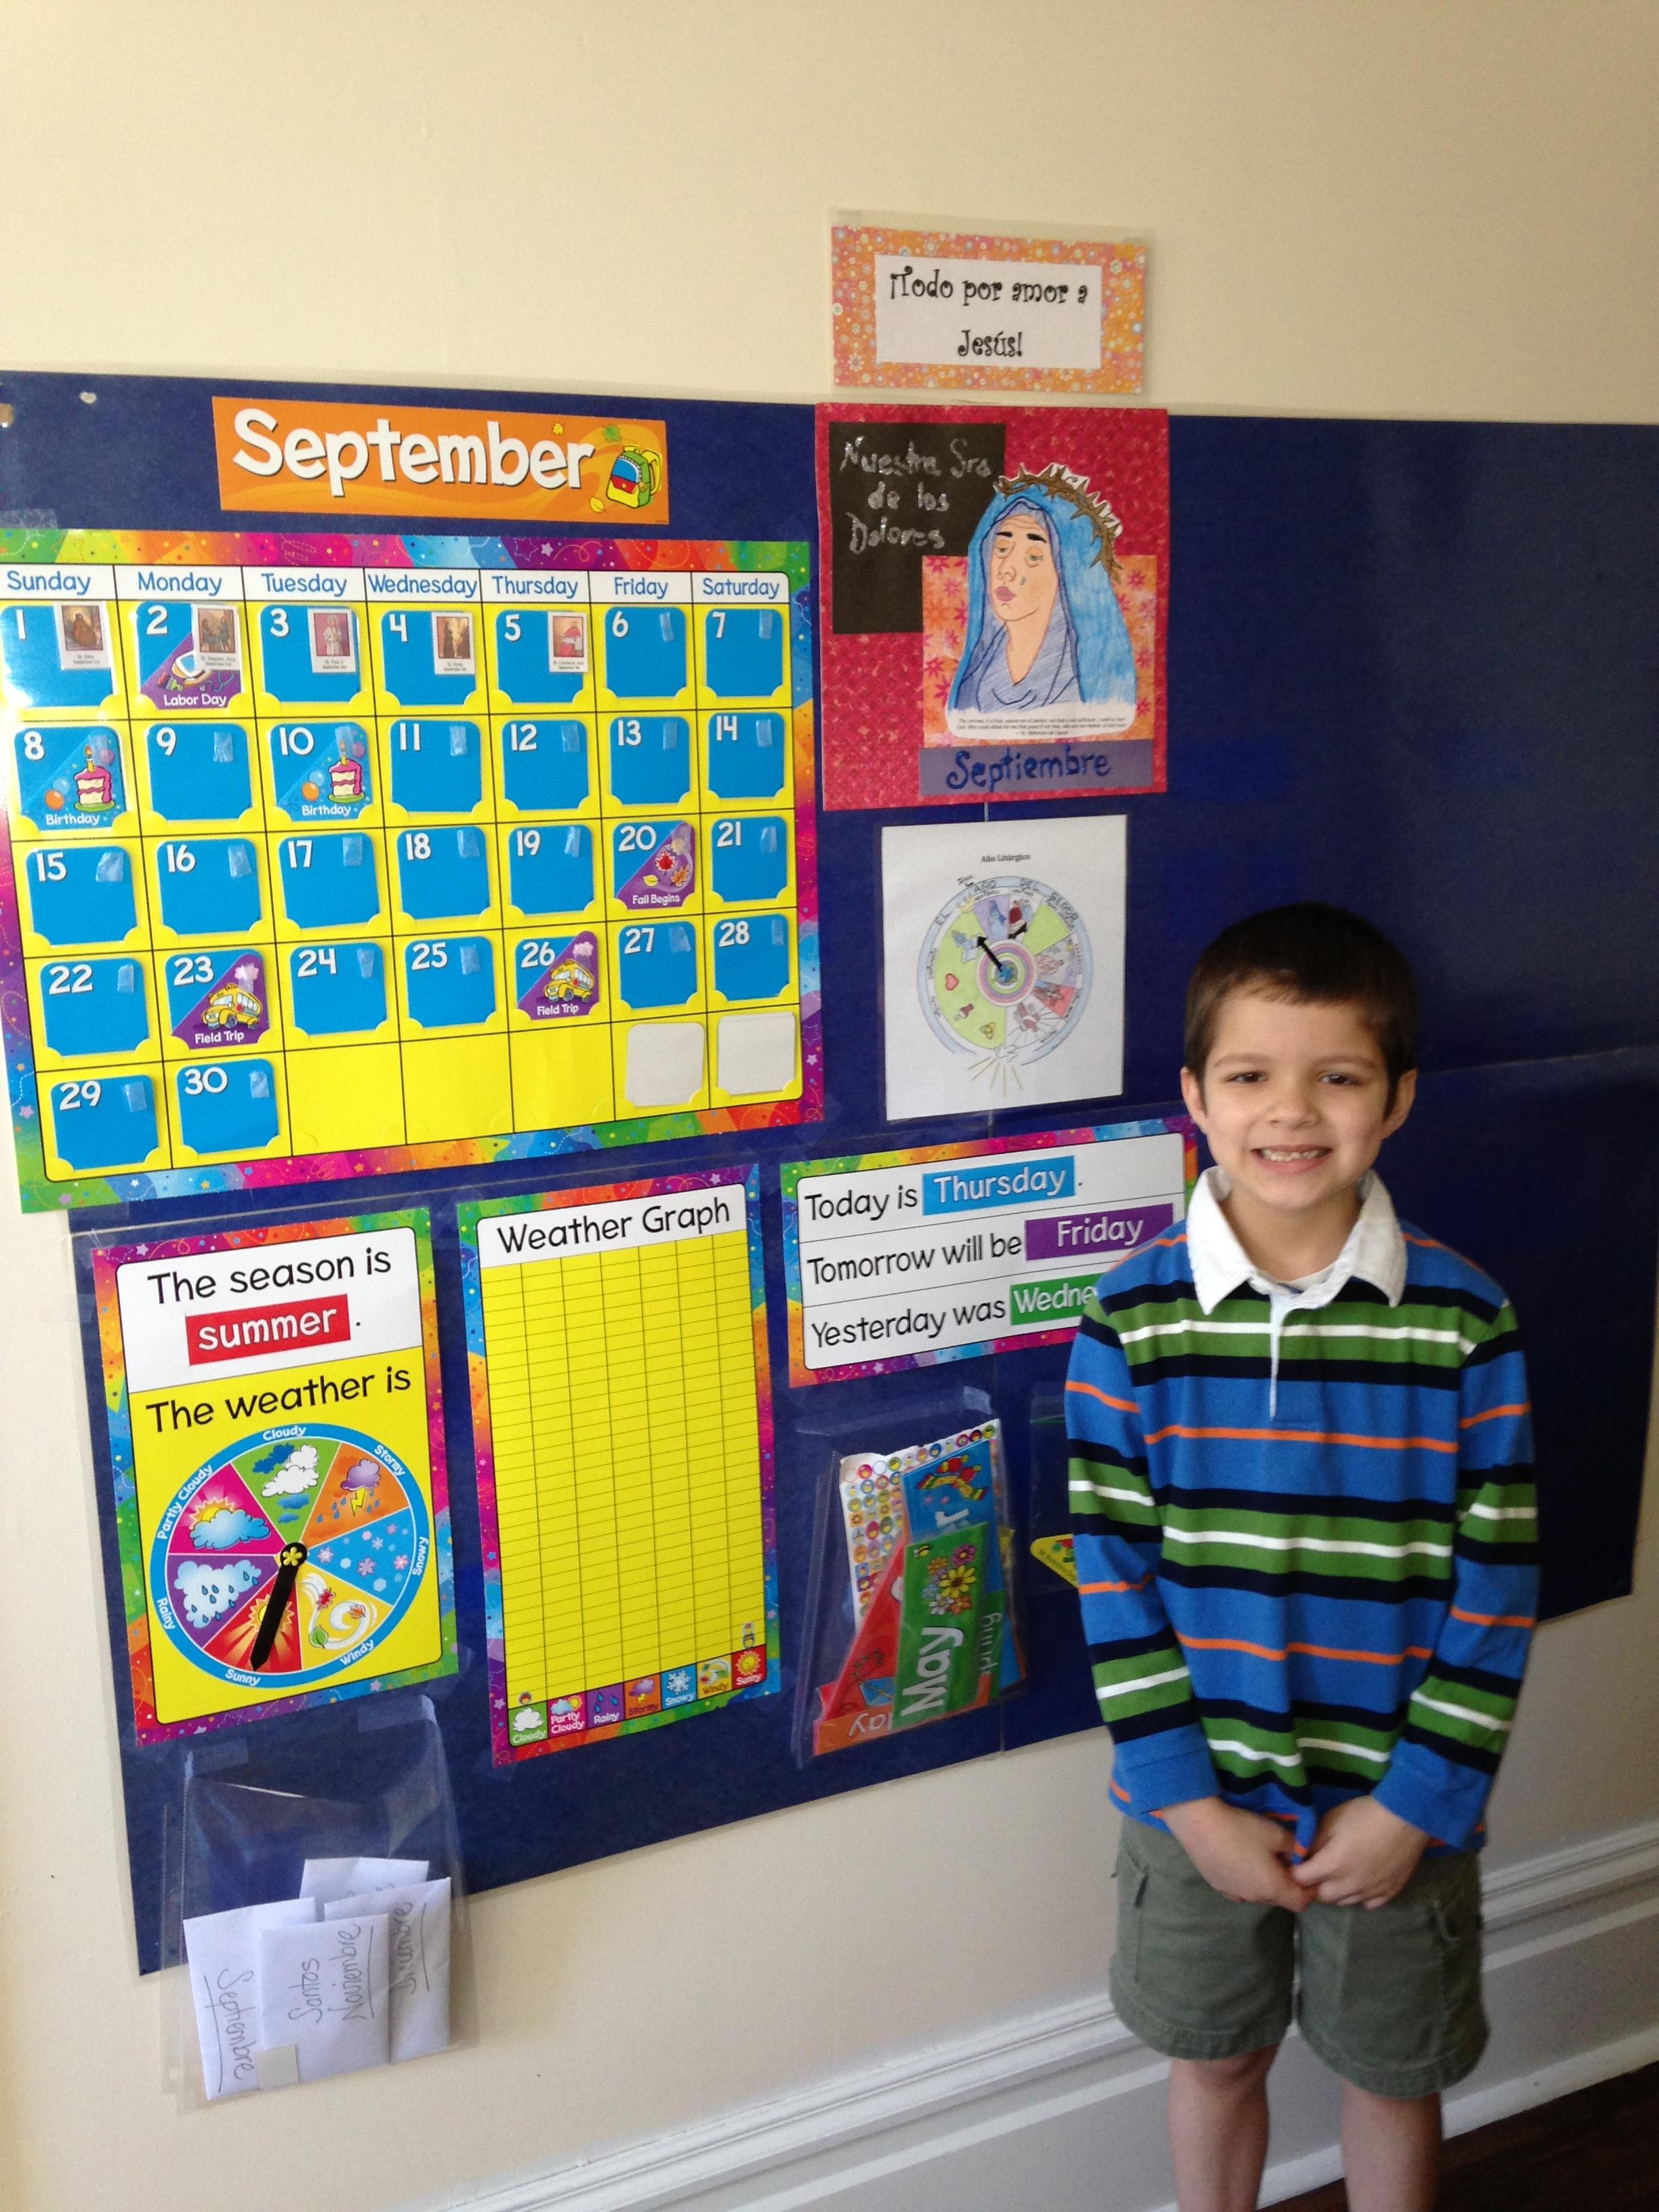 Calendario Para Kinder.Calendario Educativo Catolico Para Kinder Y Primaria Basica